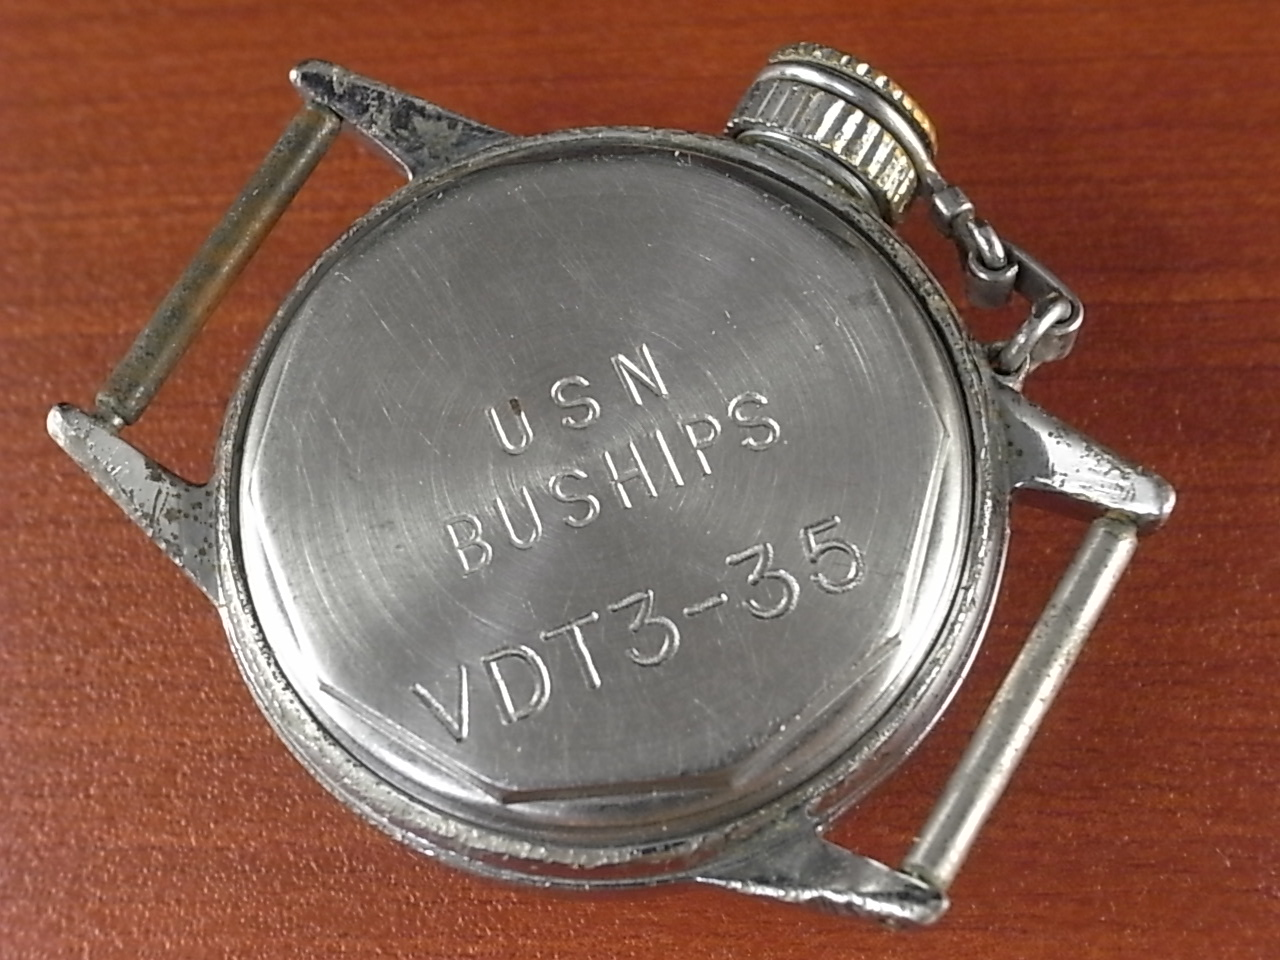 ハミルトン USN BUSHIPS キャンティーン VDT(UDT) 水中爆破チーム 1940年代の写真4枚目